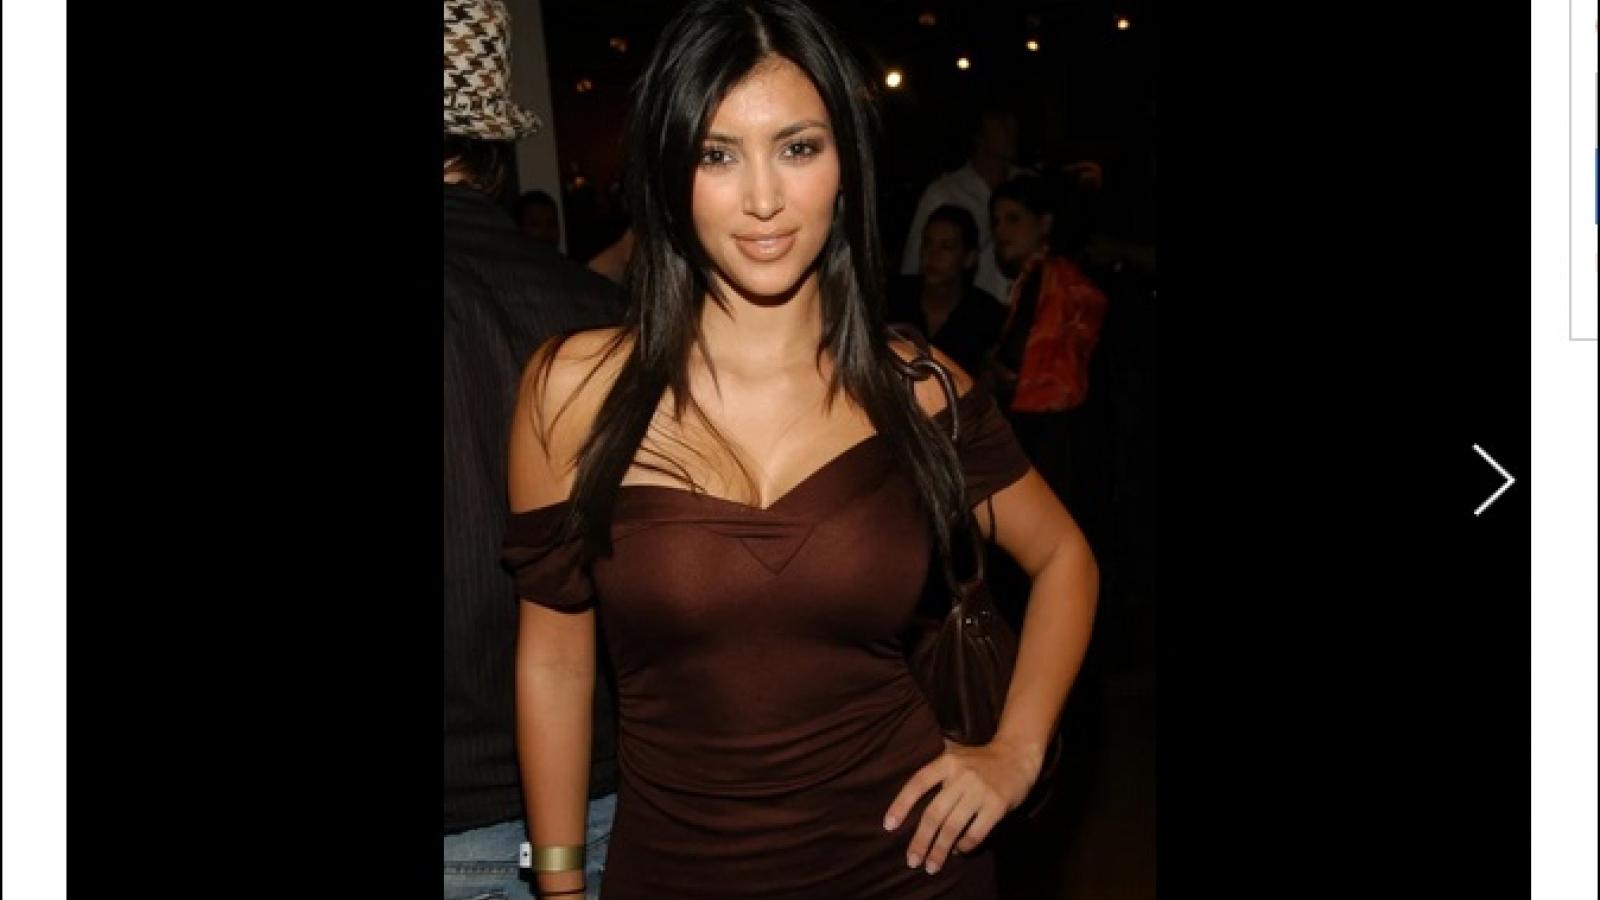 """Sao """"vòng 3"""" Kim Kardashian cảm ơn Thư viện Quốc hội Mỹ công nhận """"Diệt chủng Armenia"""""""